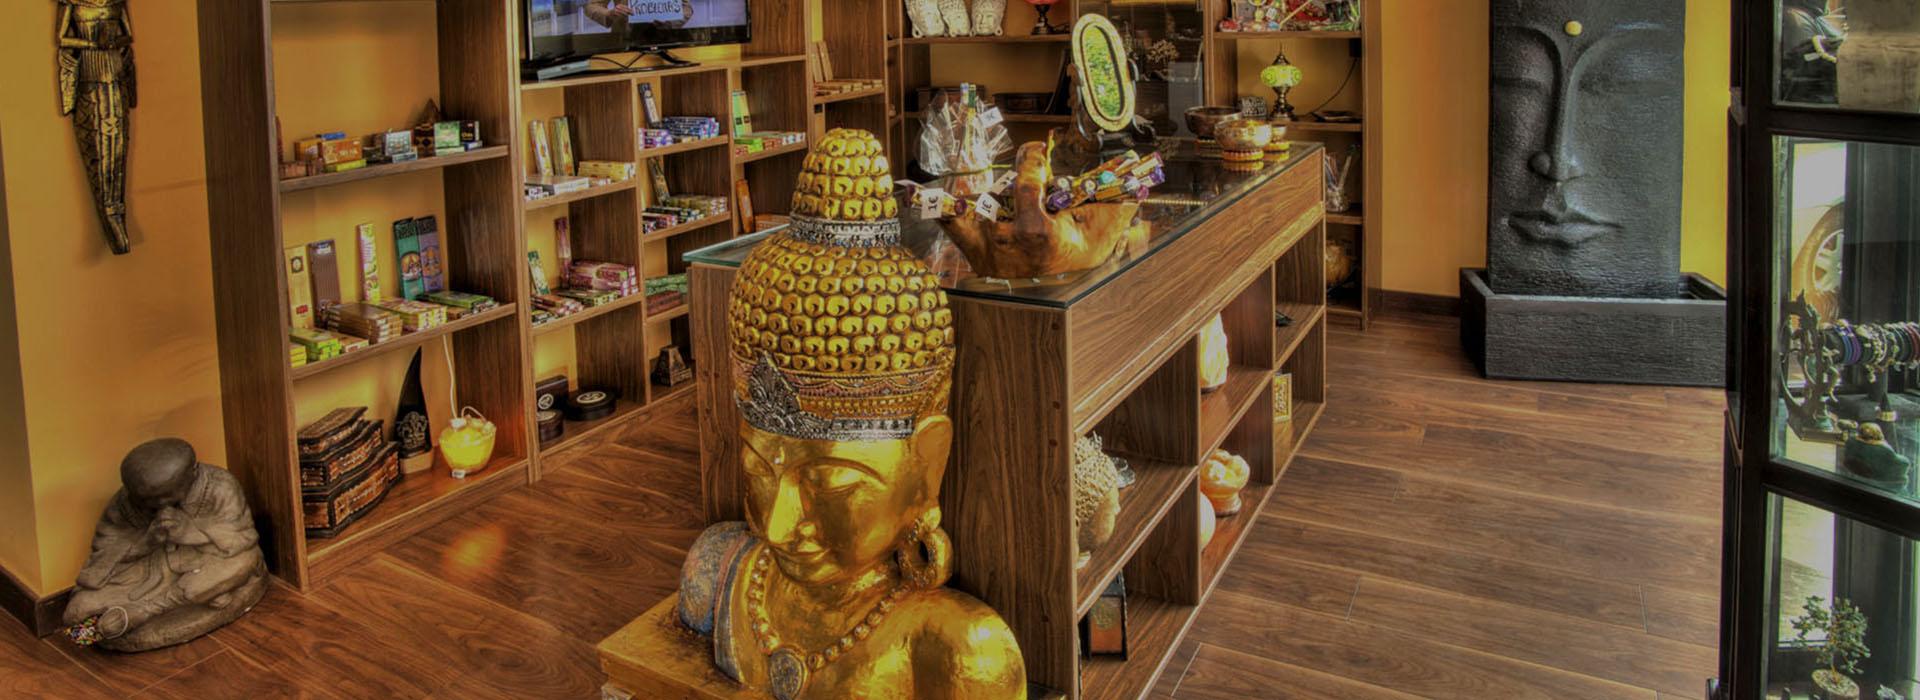 tienda liashi, articulos exoticos